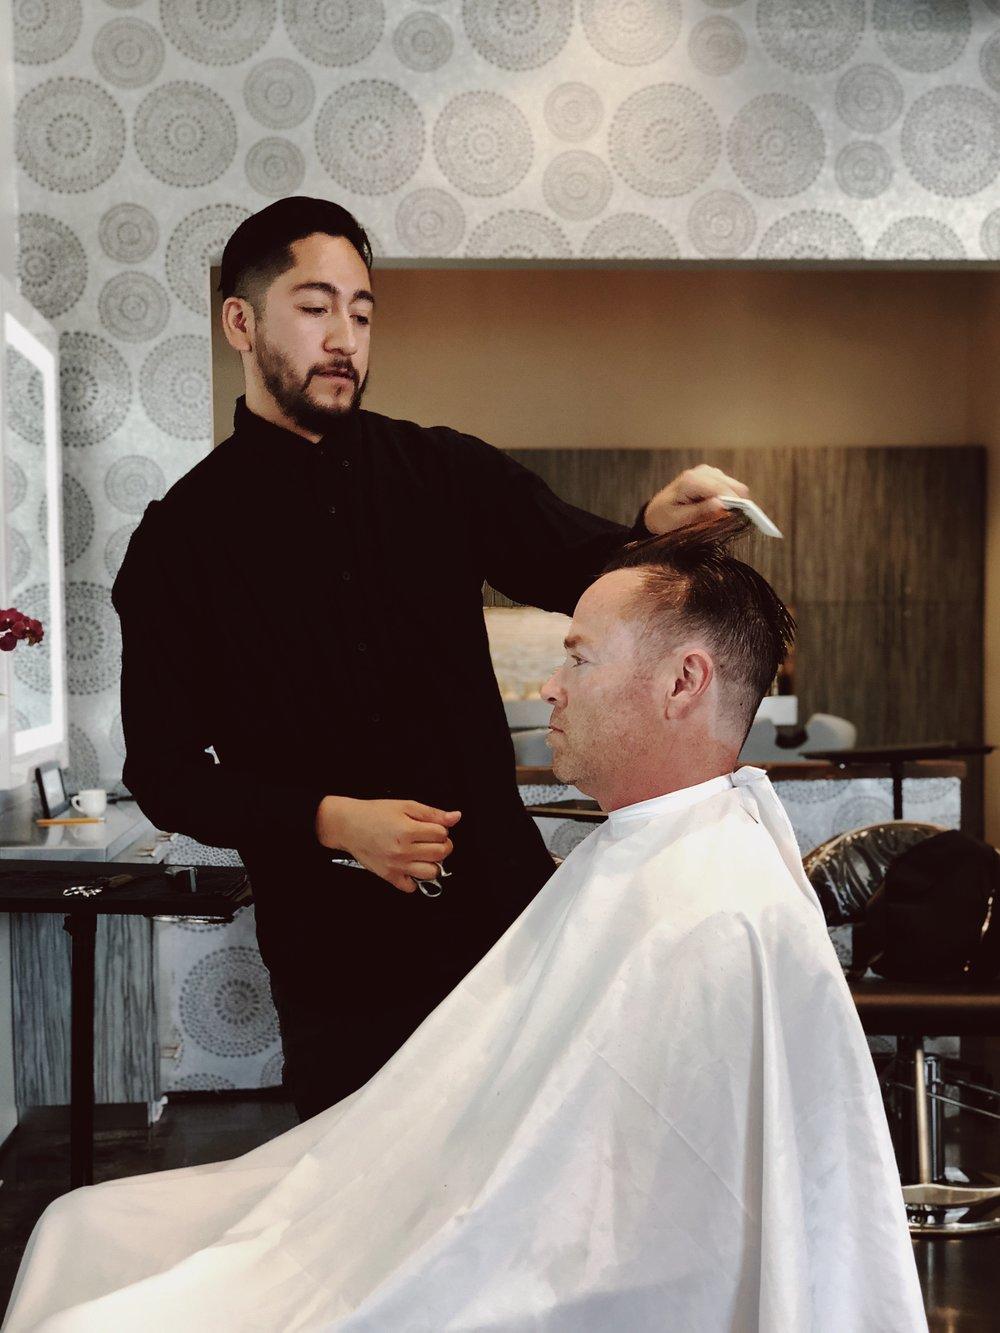 Michael Barbering Model